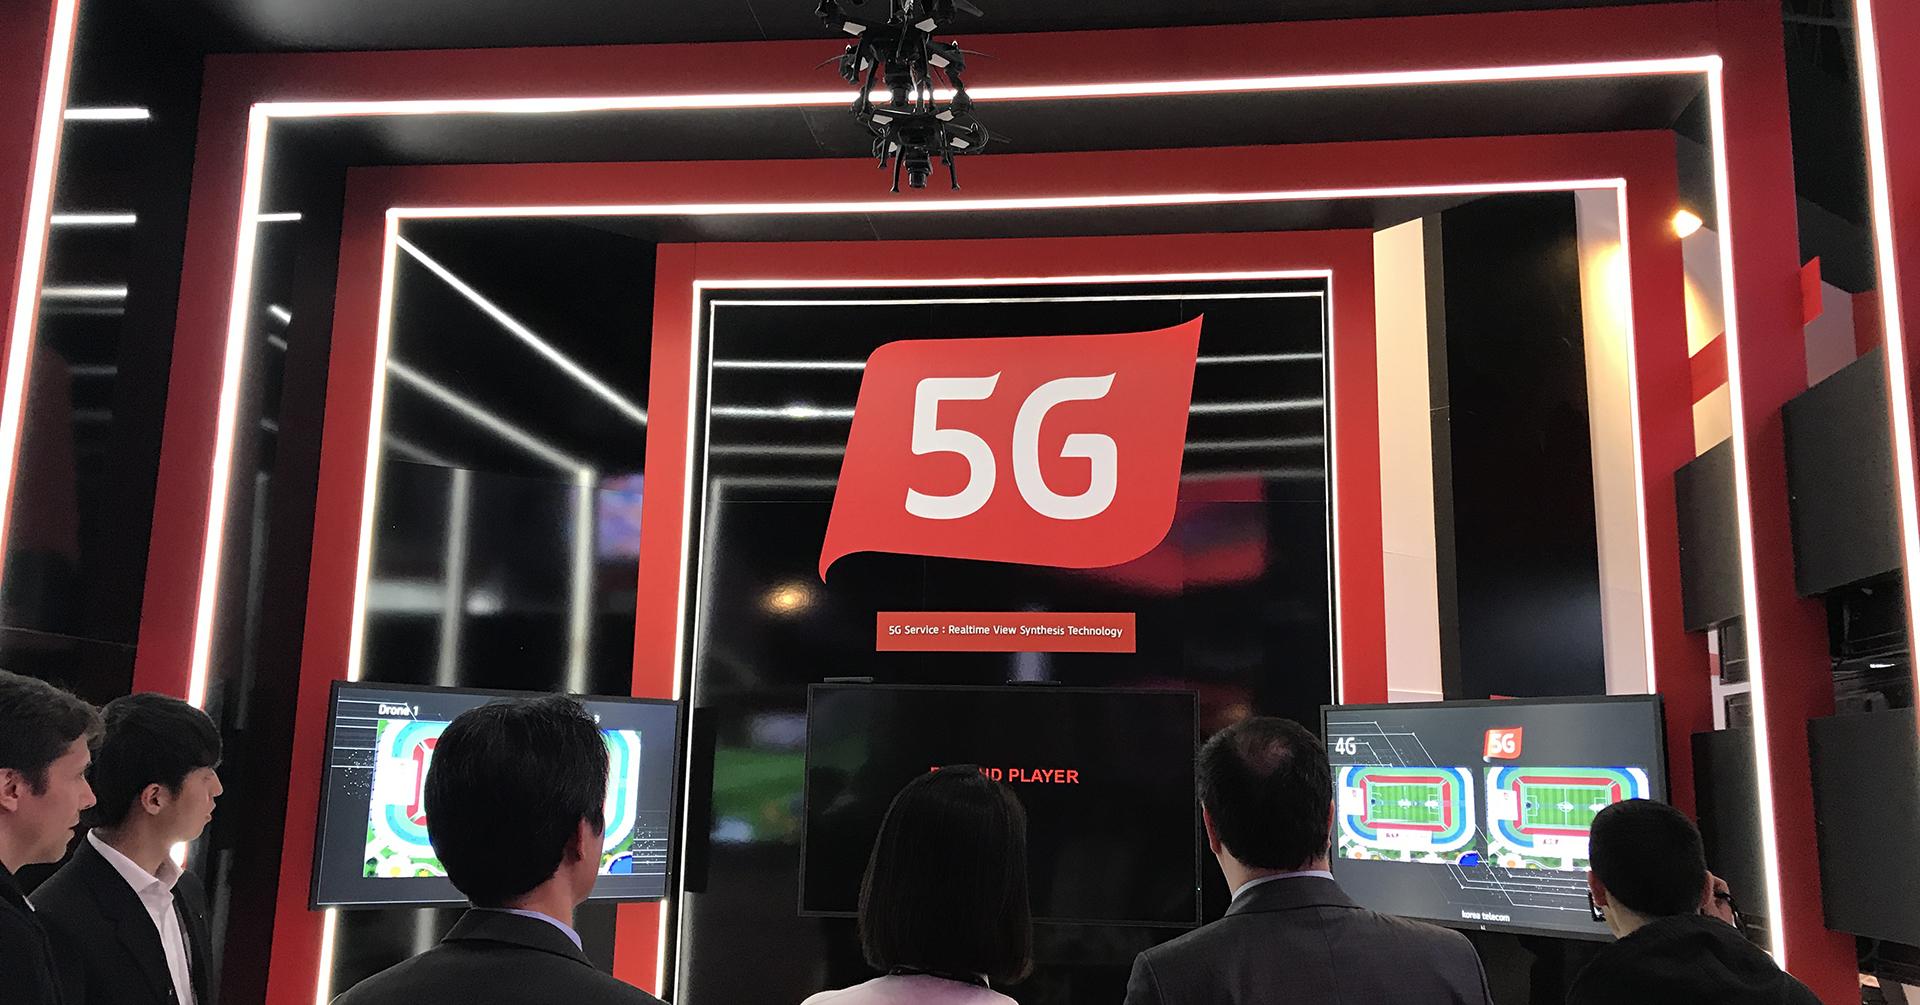 El 5G fue uno de los temas más destacados en el Congreso Mundial de Móviles (MWC) en Barcelona